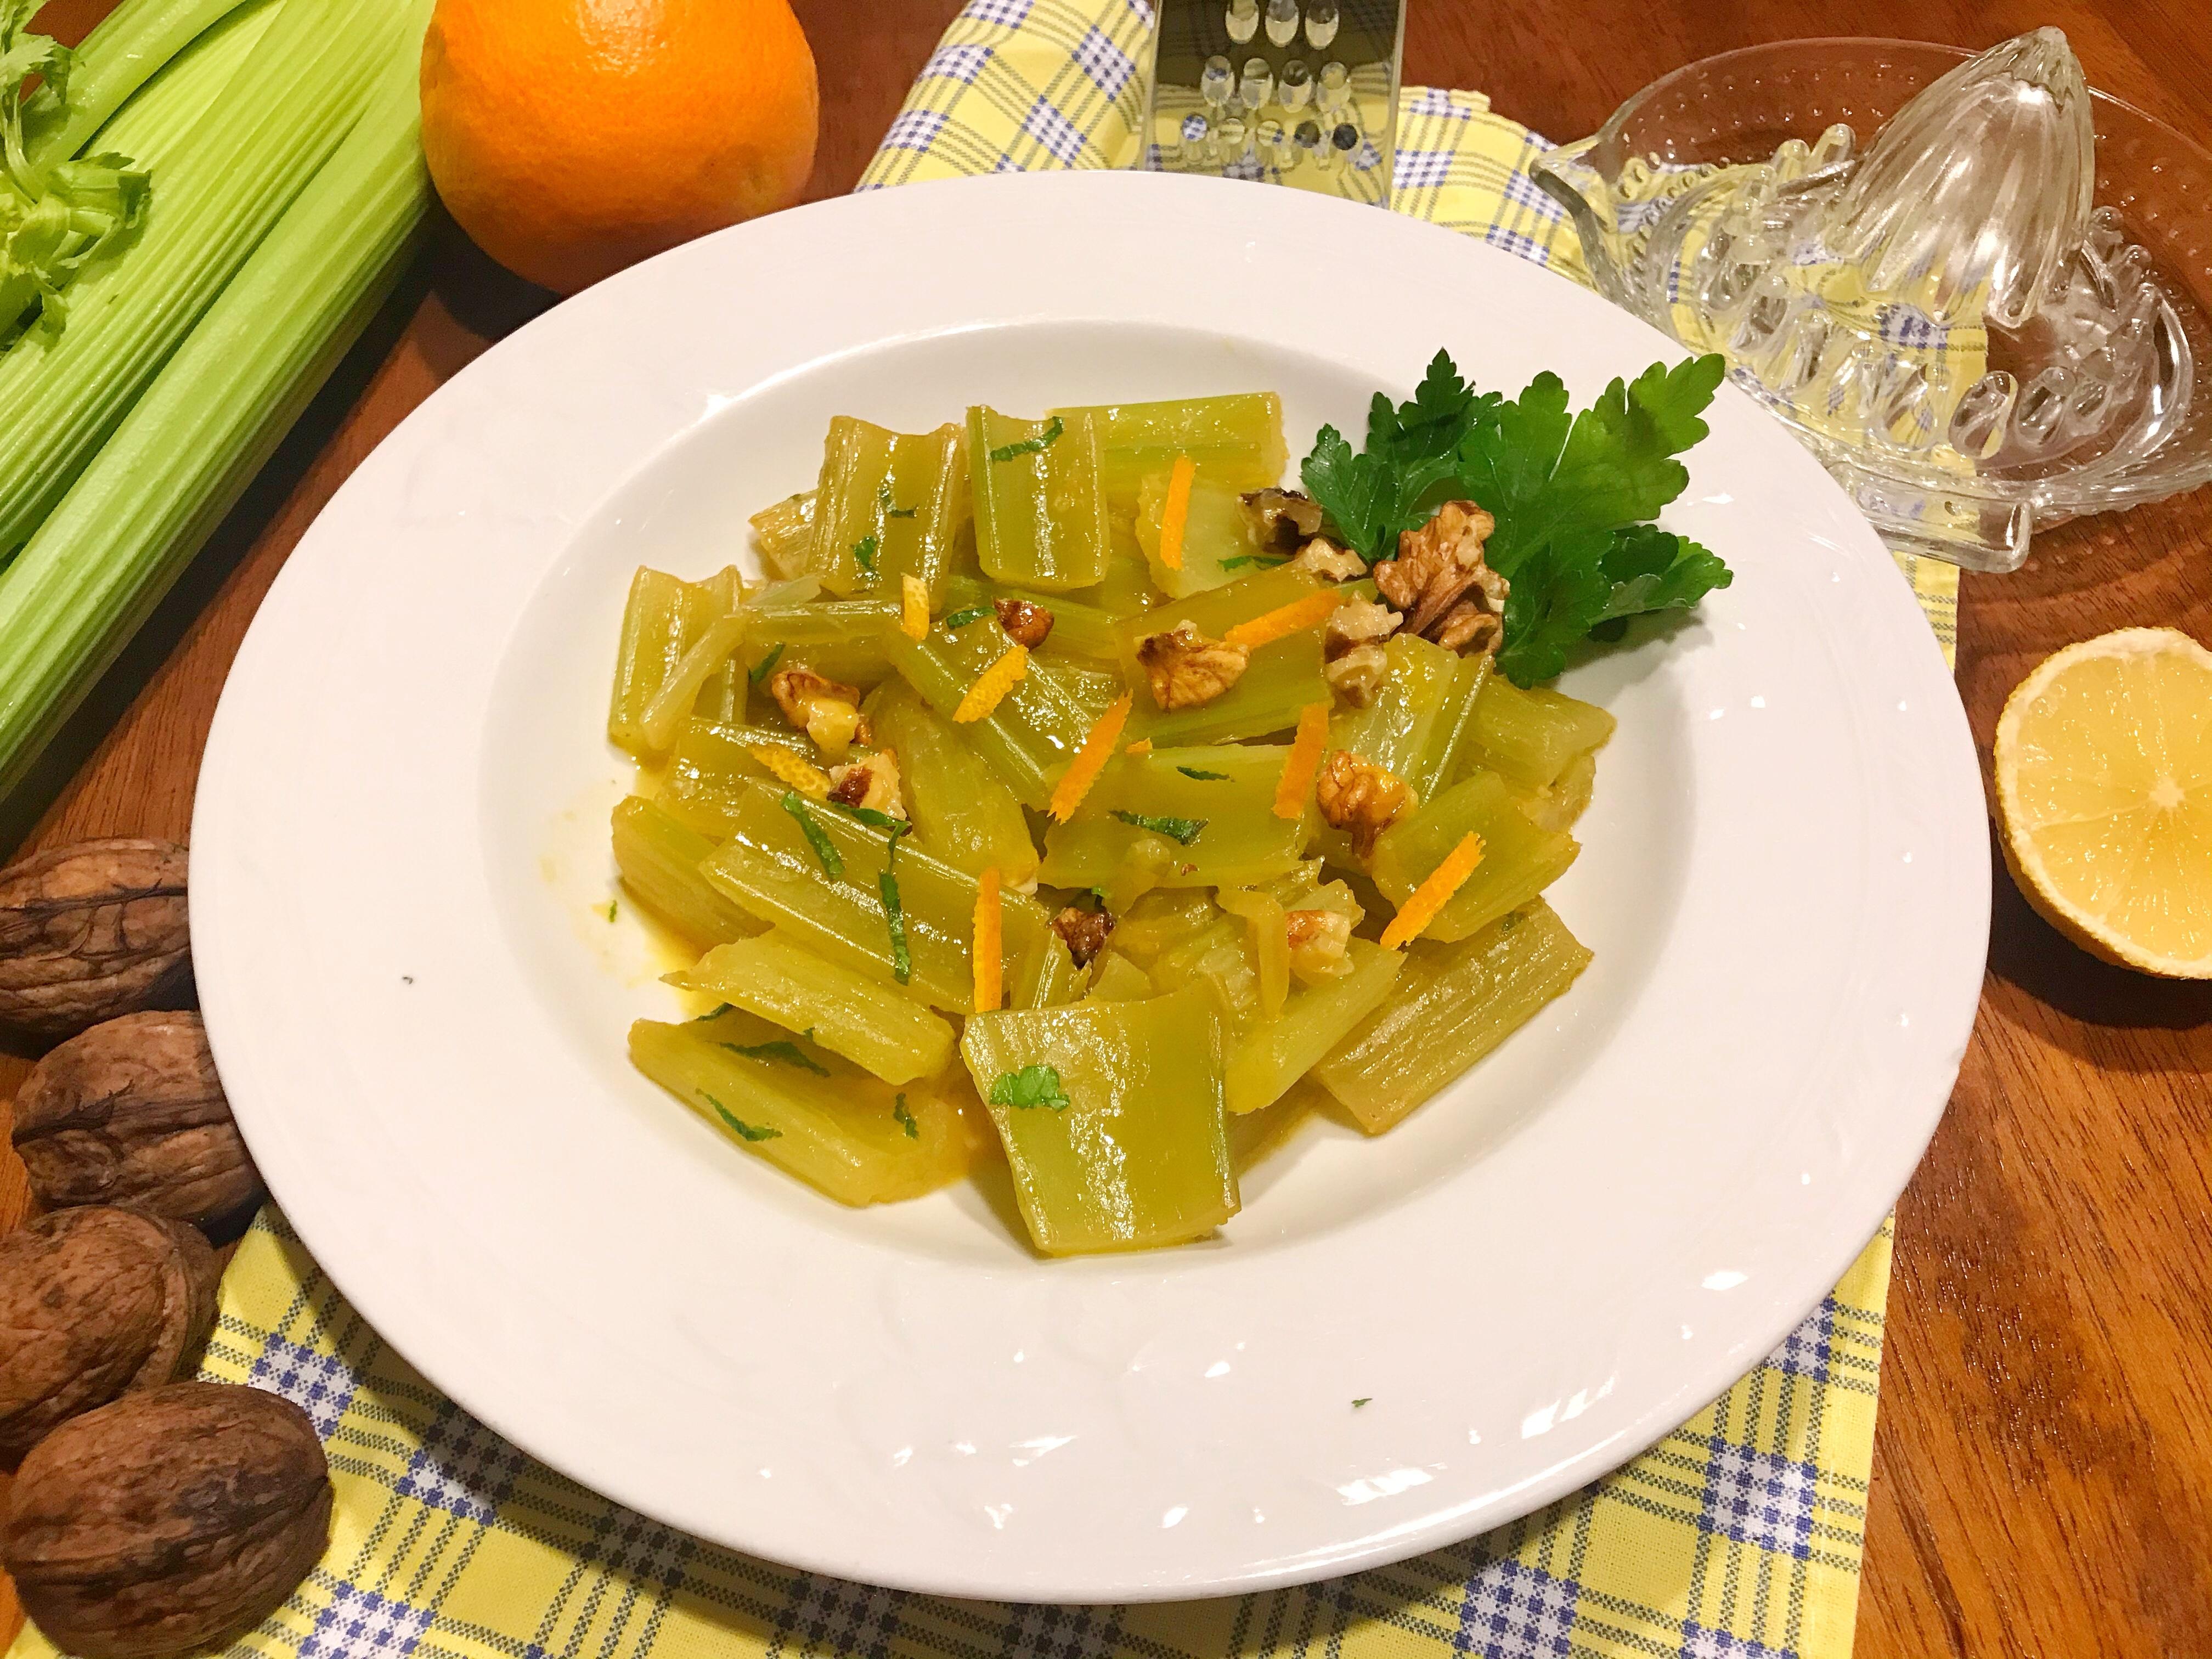 Sedano agli agrumi, ricetta light